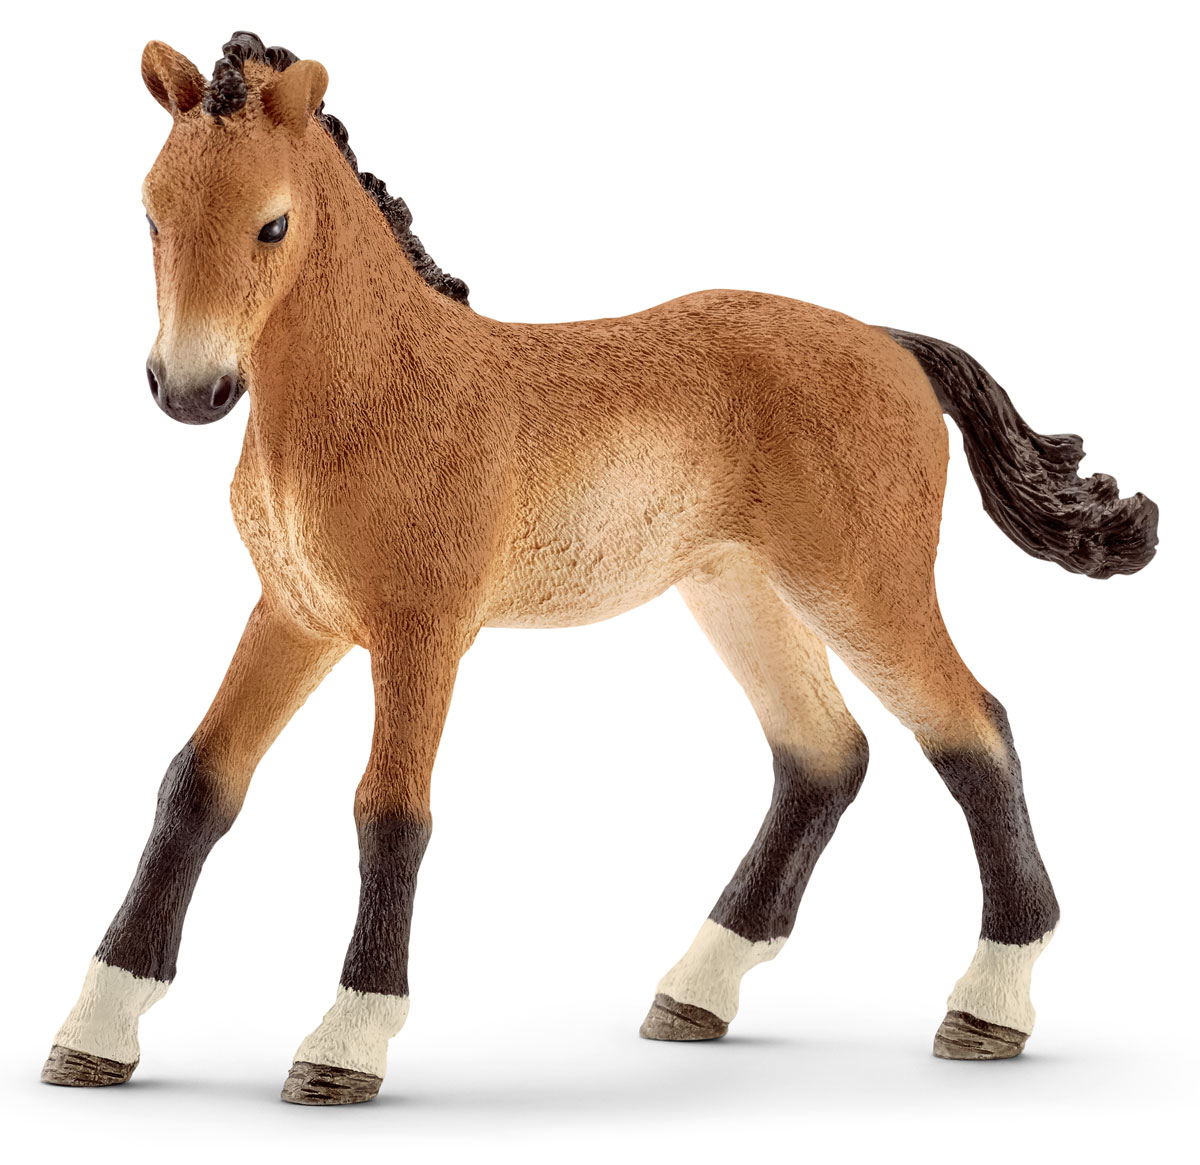 Schleich Фигурка Жеребенок Теннесси уокер 13804 schleich фигурка карликовый козел детеныш